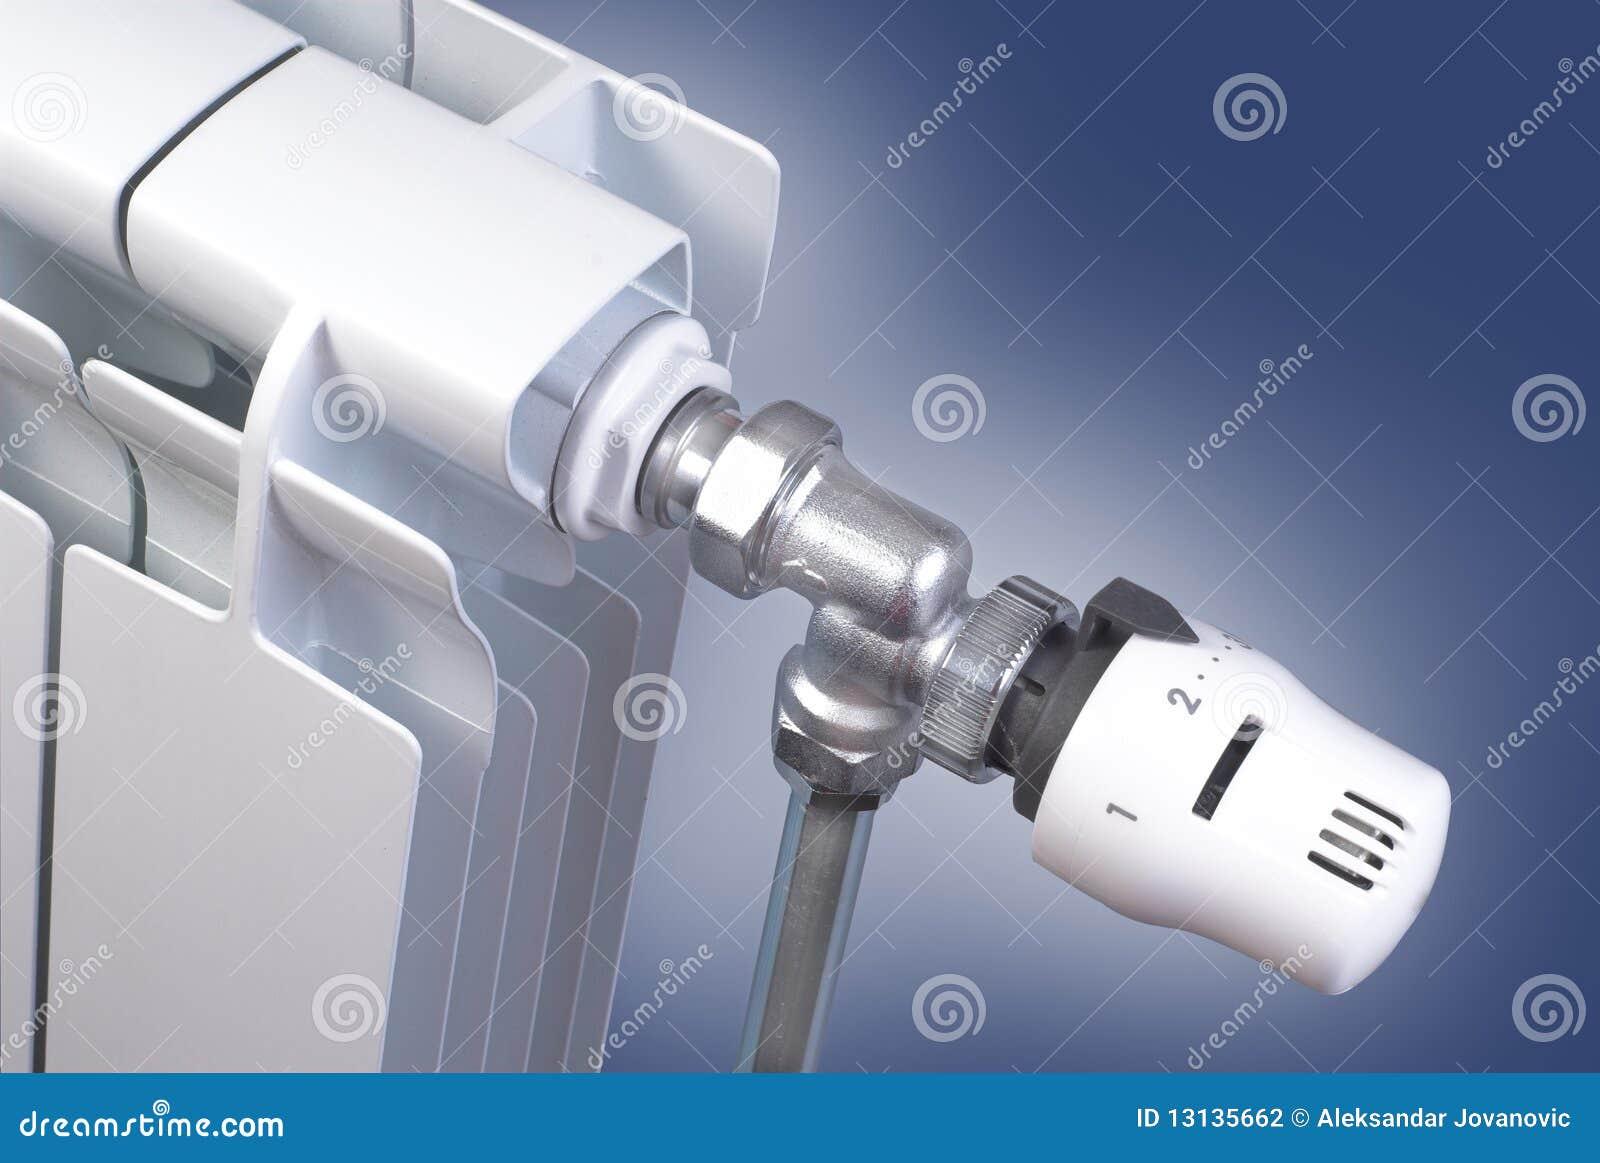 Radiateur avec le détail de thermostat